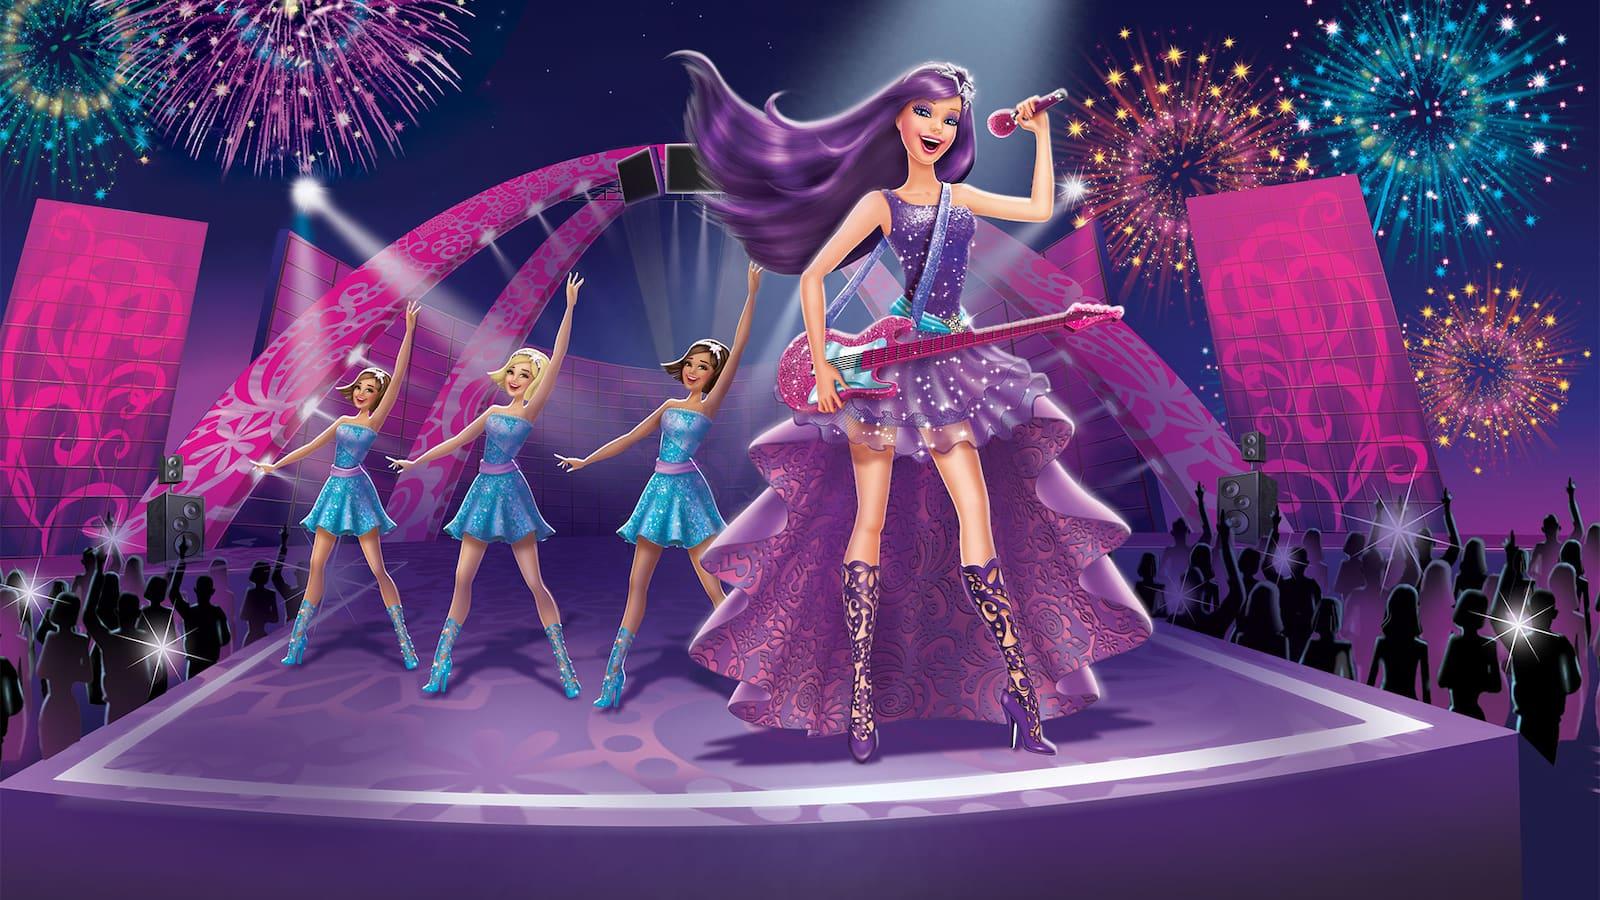 barbie-prinsessan-och-popstjarnan-2012